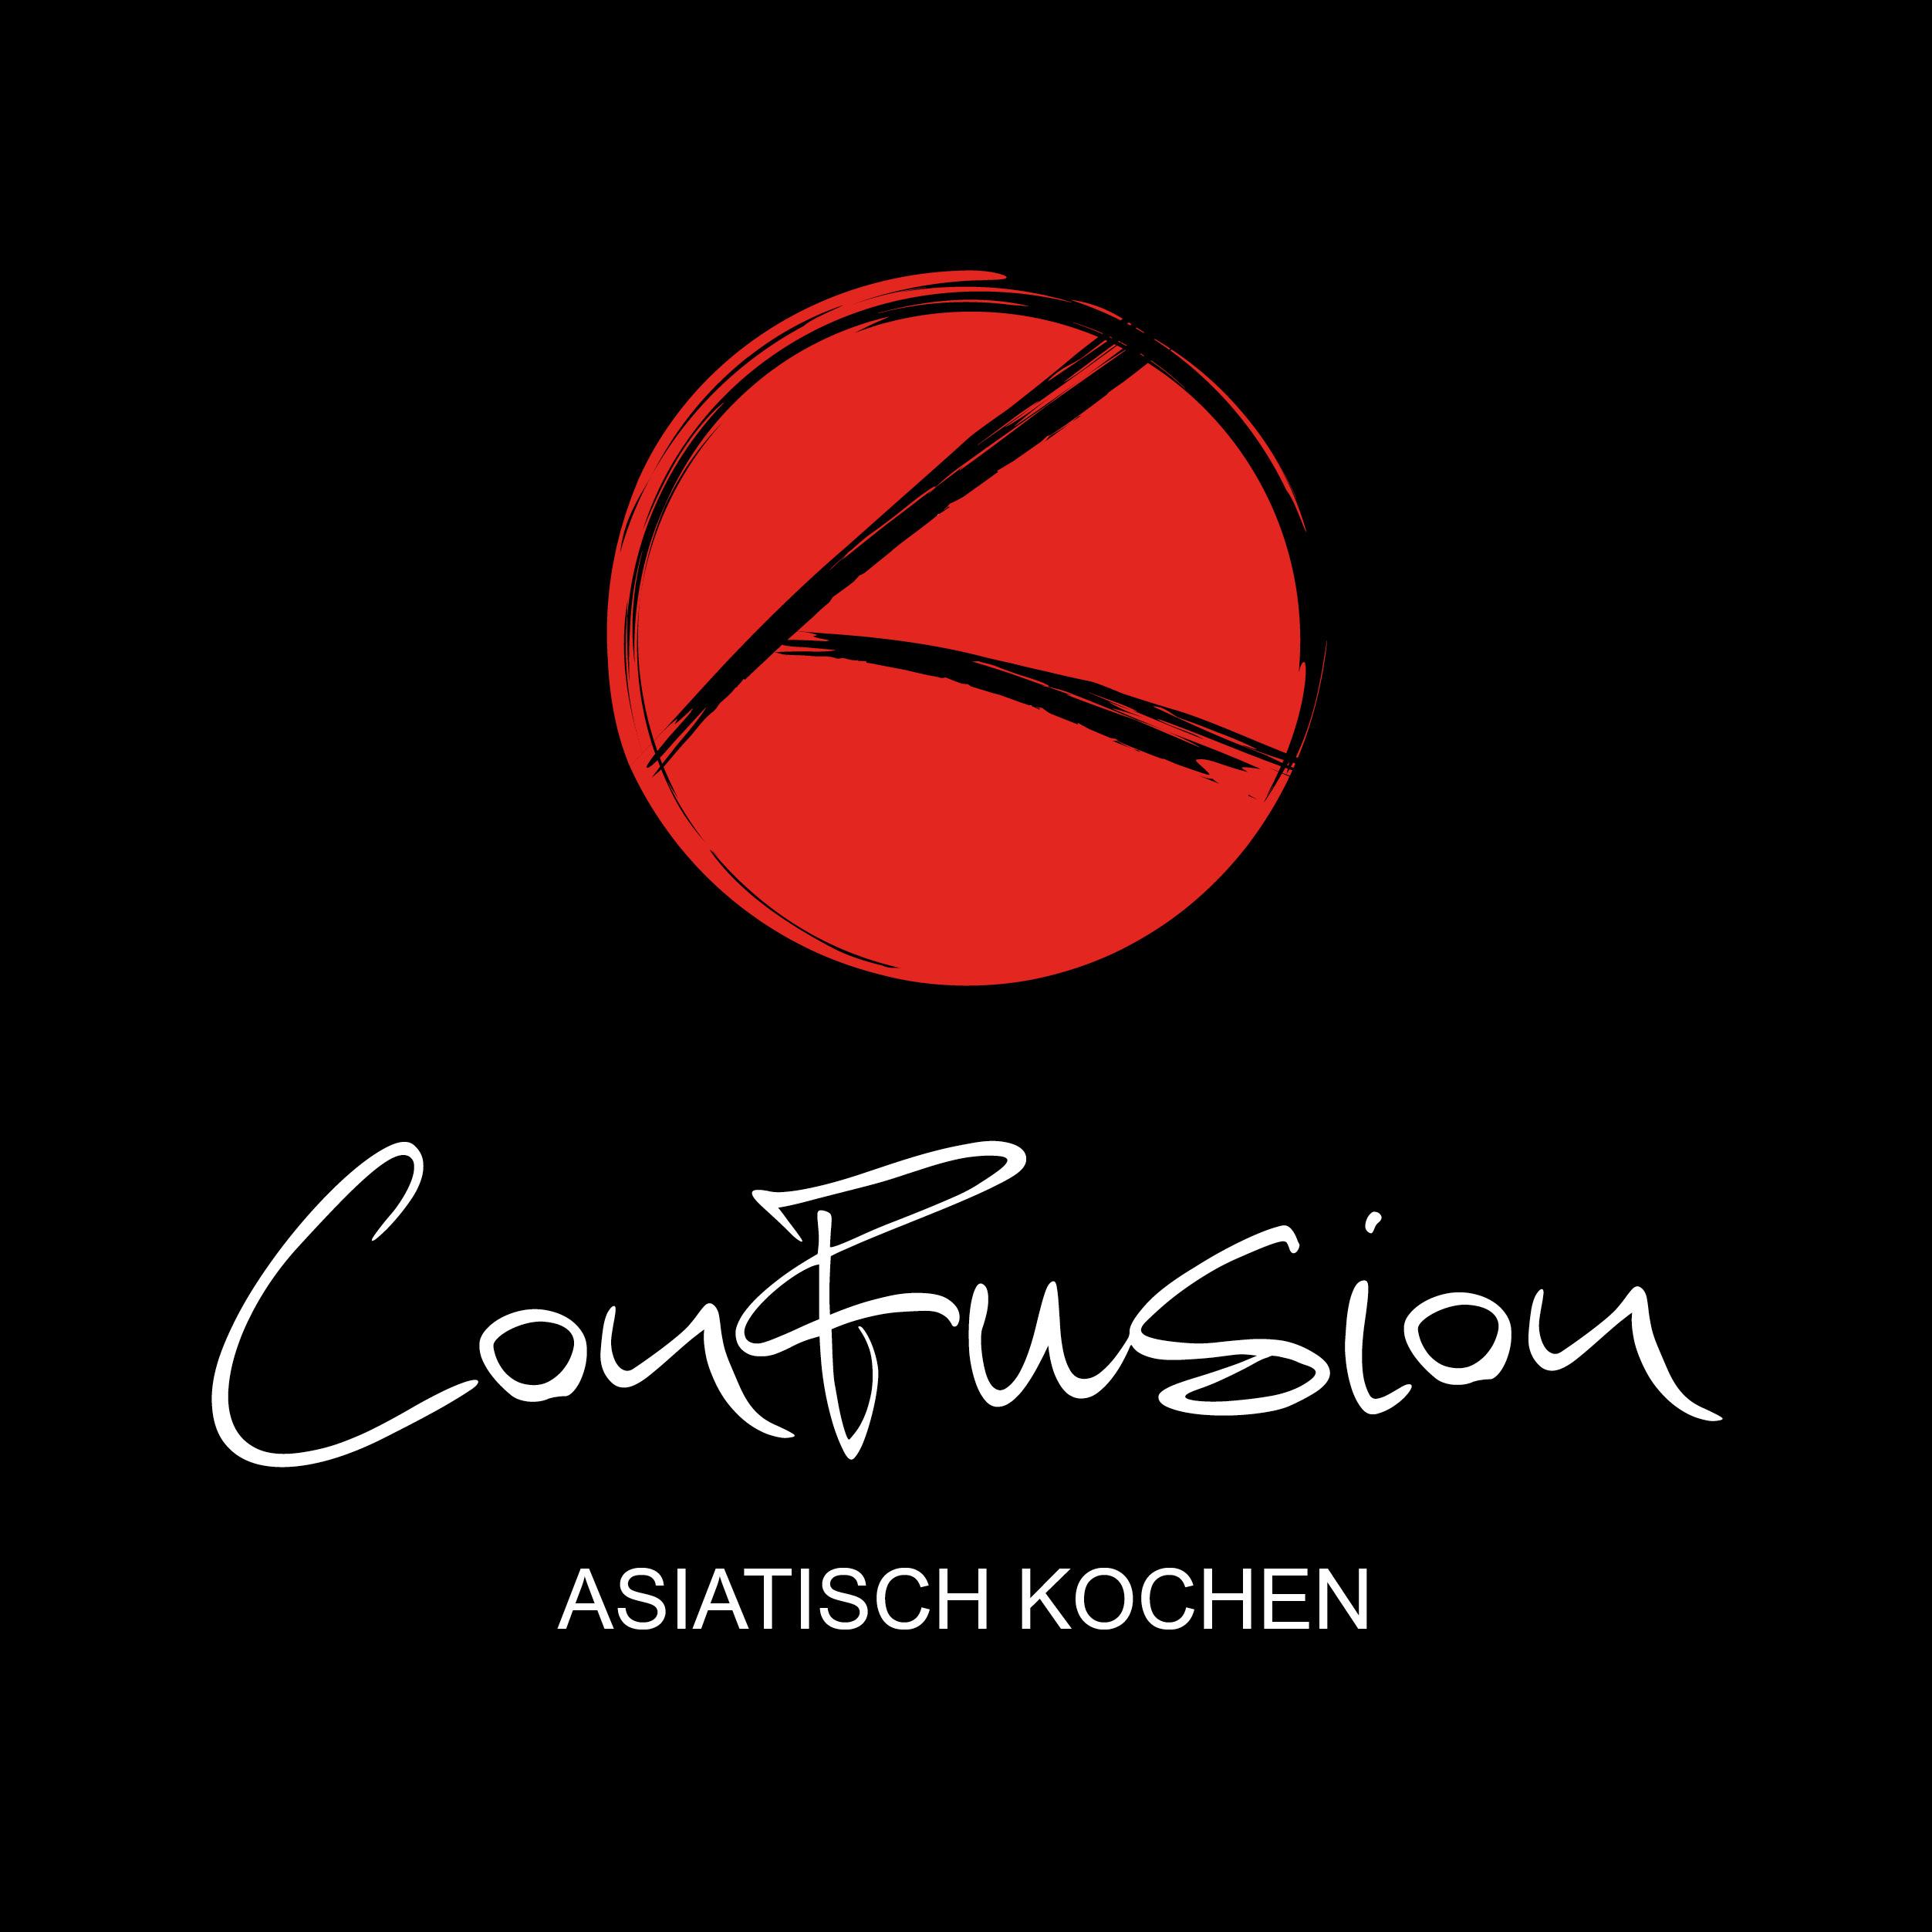 ConFusion – Asiatisch kochen